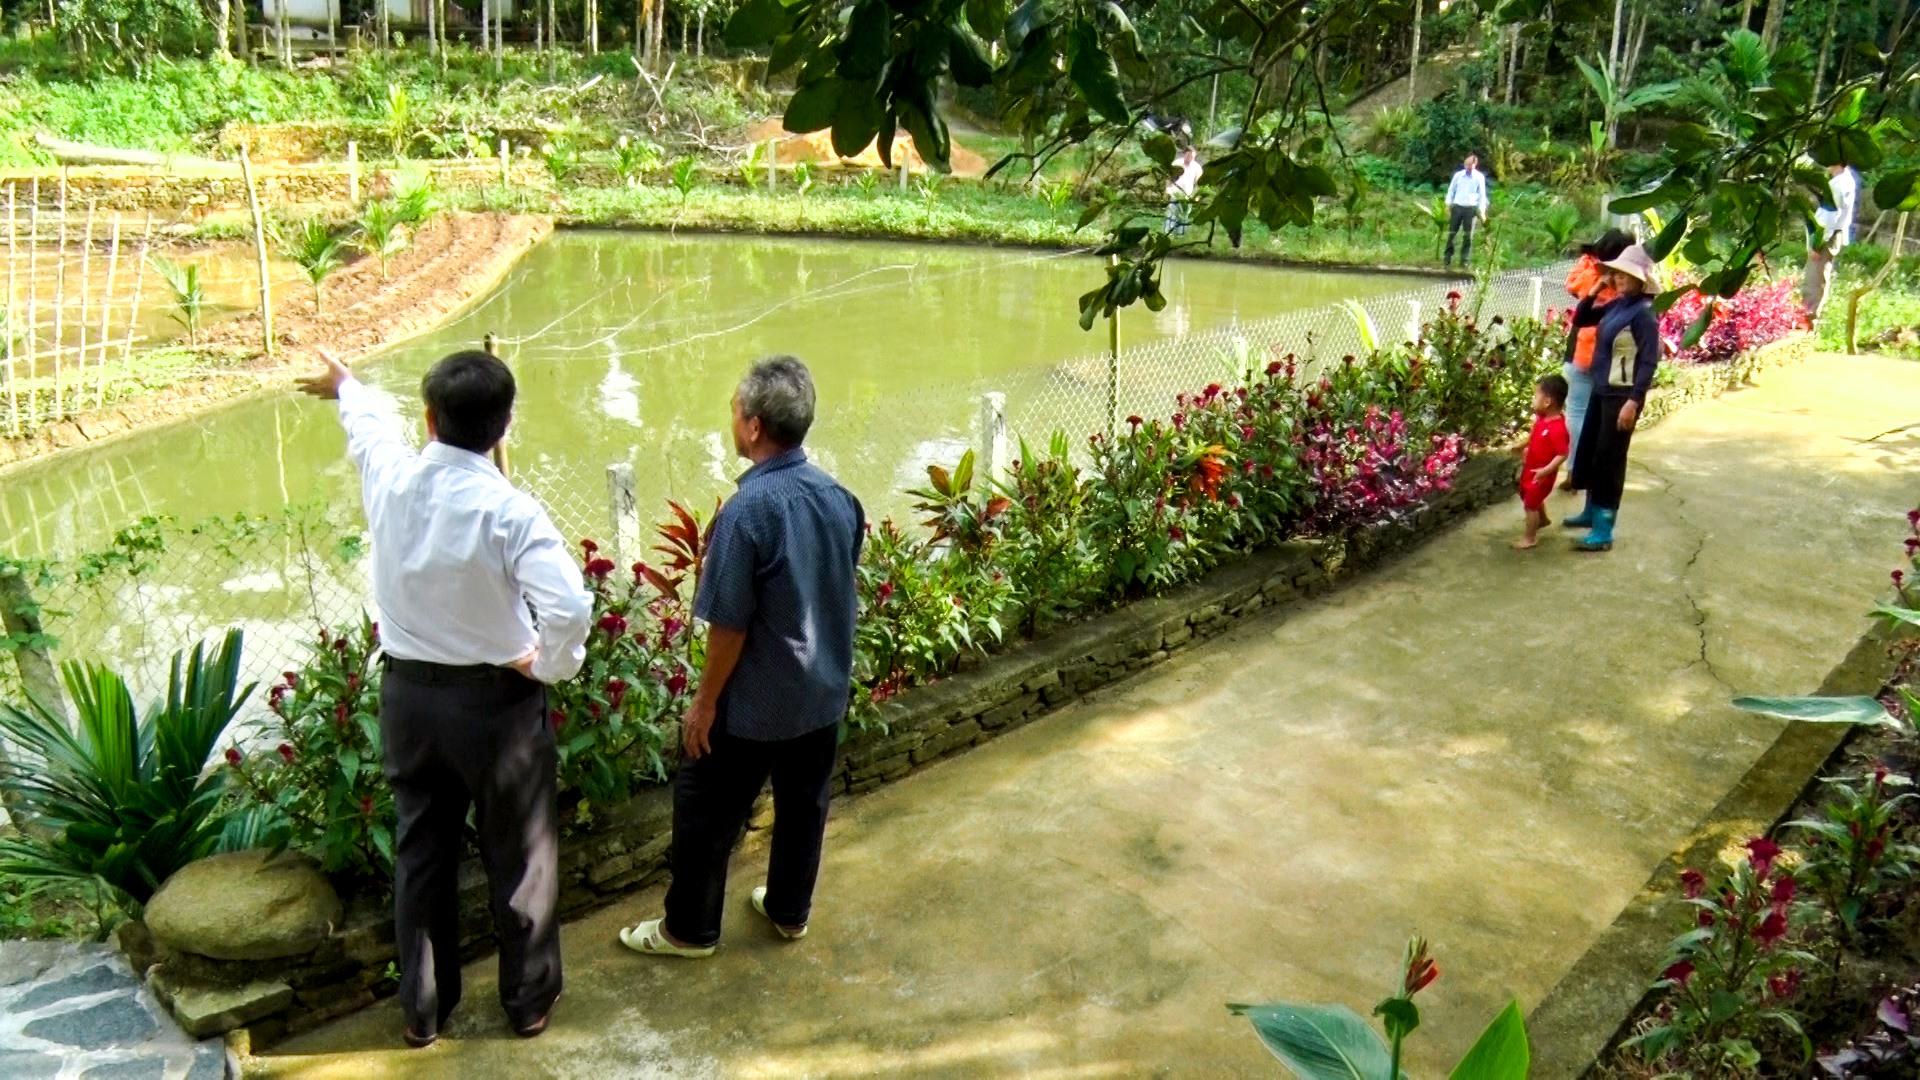 Người dân đào ao cá, chỉnh trang vườn tược tạo sản phẩm du lịch. Ảnh: QĐ